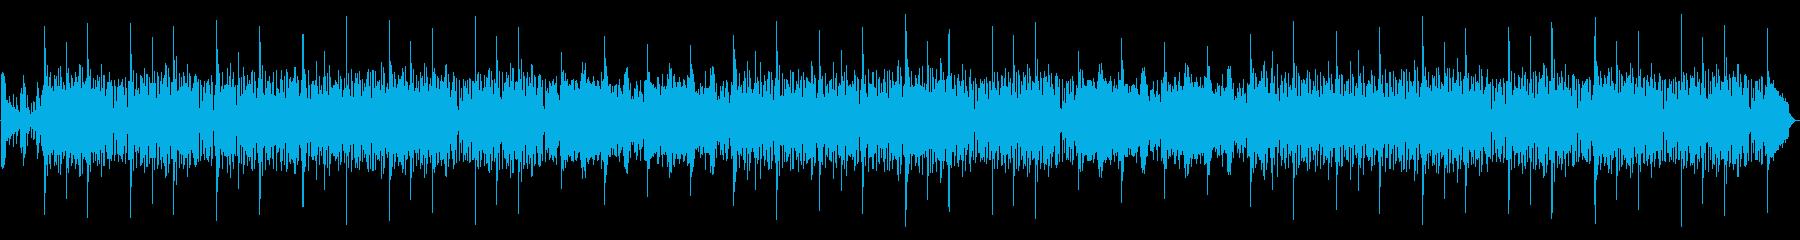 モダンなドラムループとクールなシン...の再生済みの波形